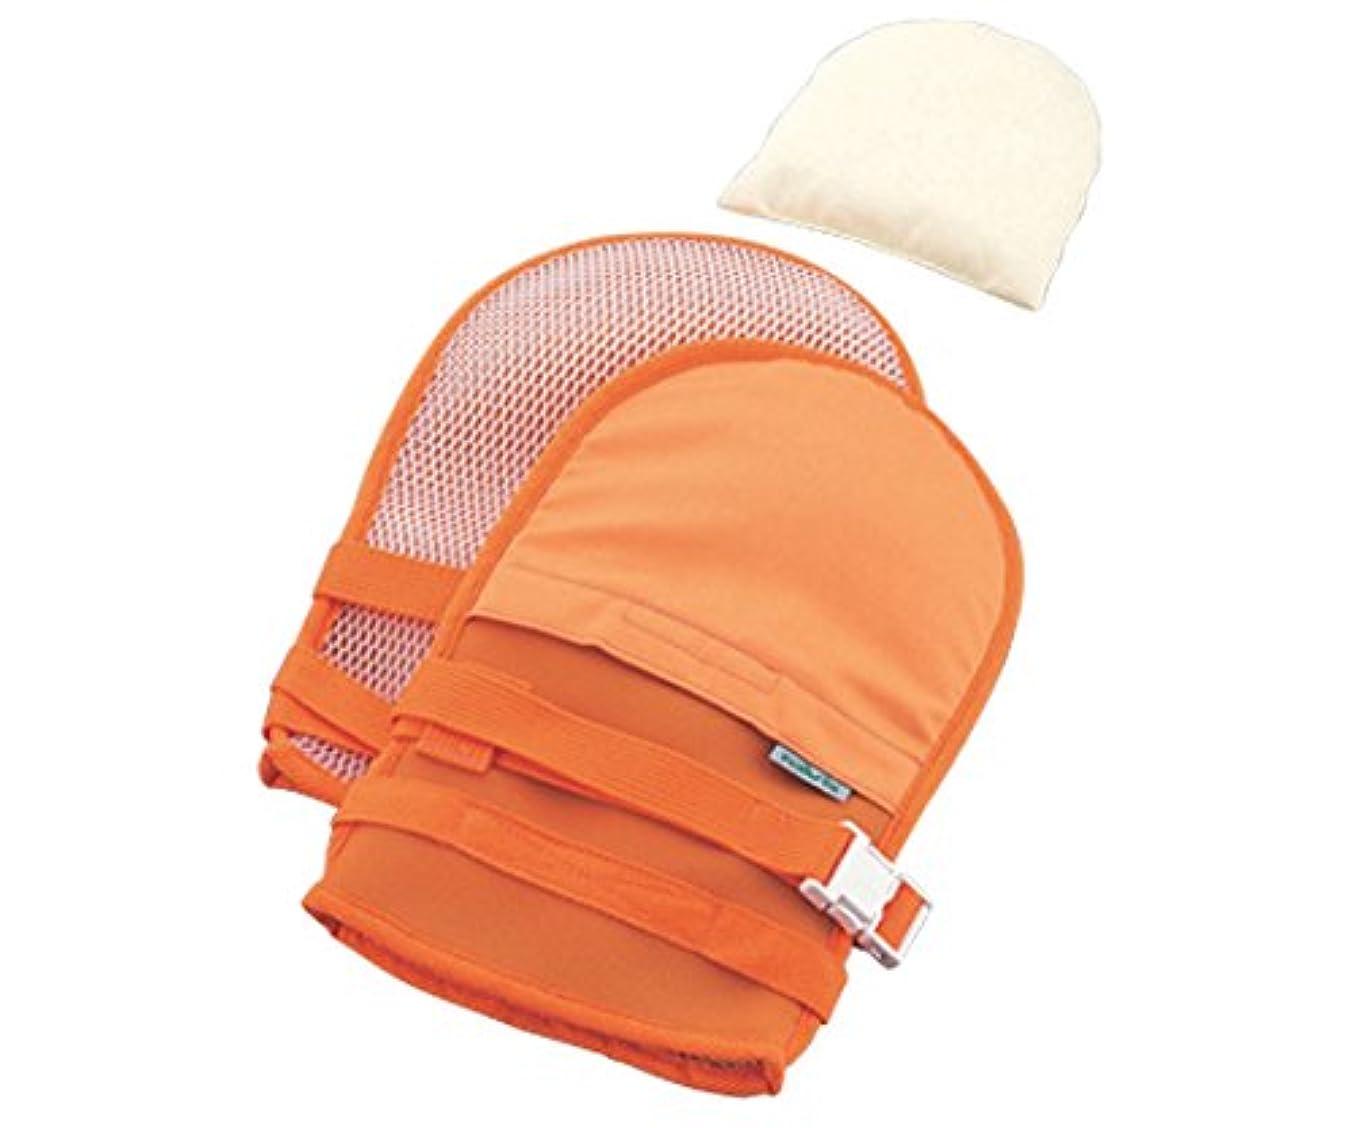 抜管防止手袋 中オレンジ /0-1638-42